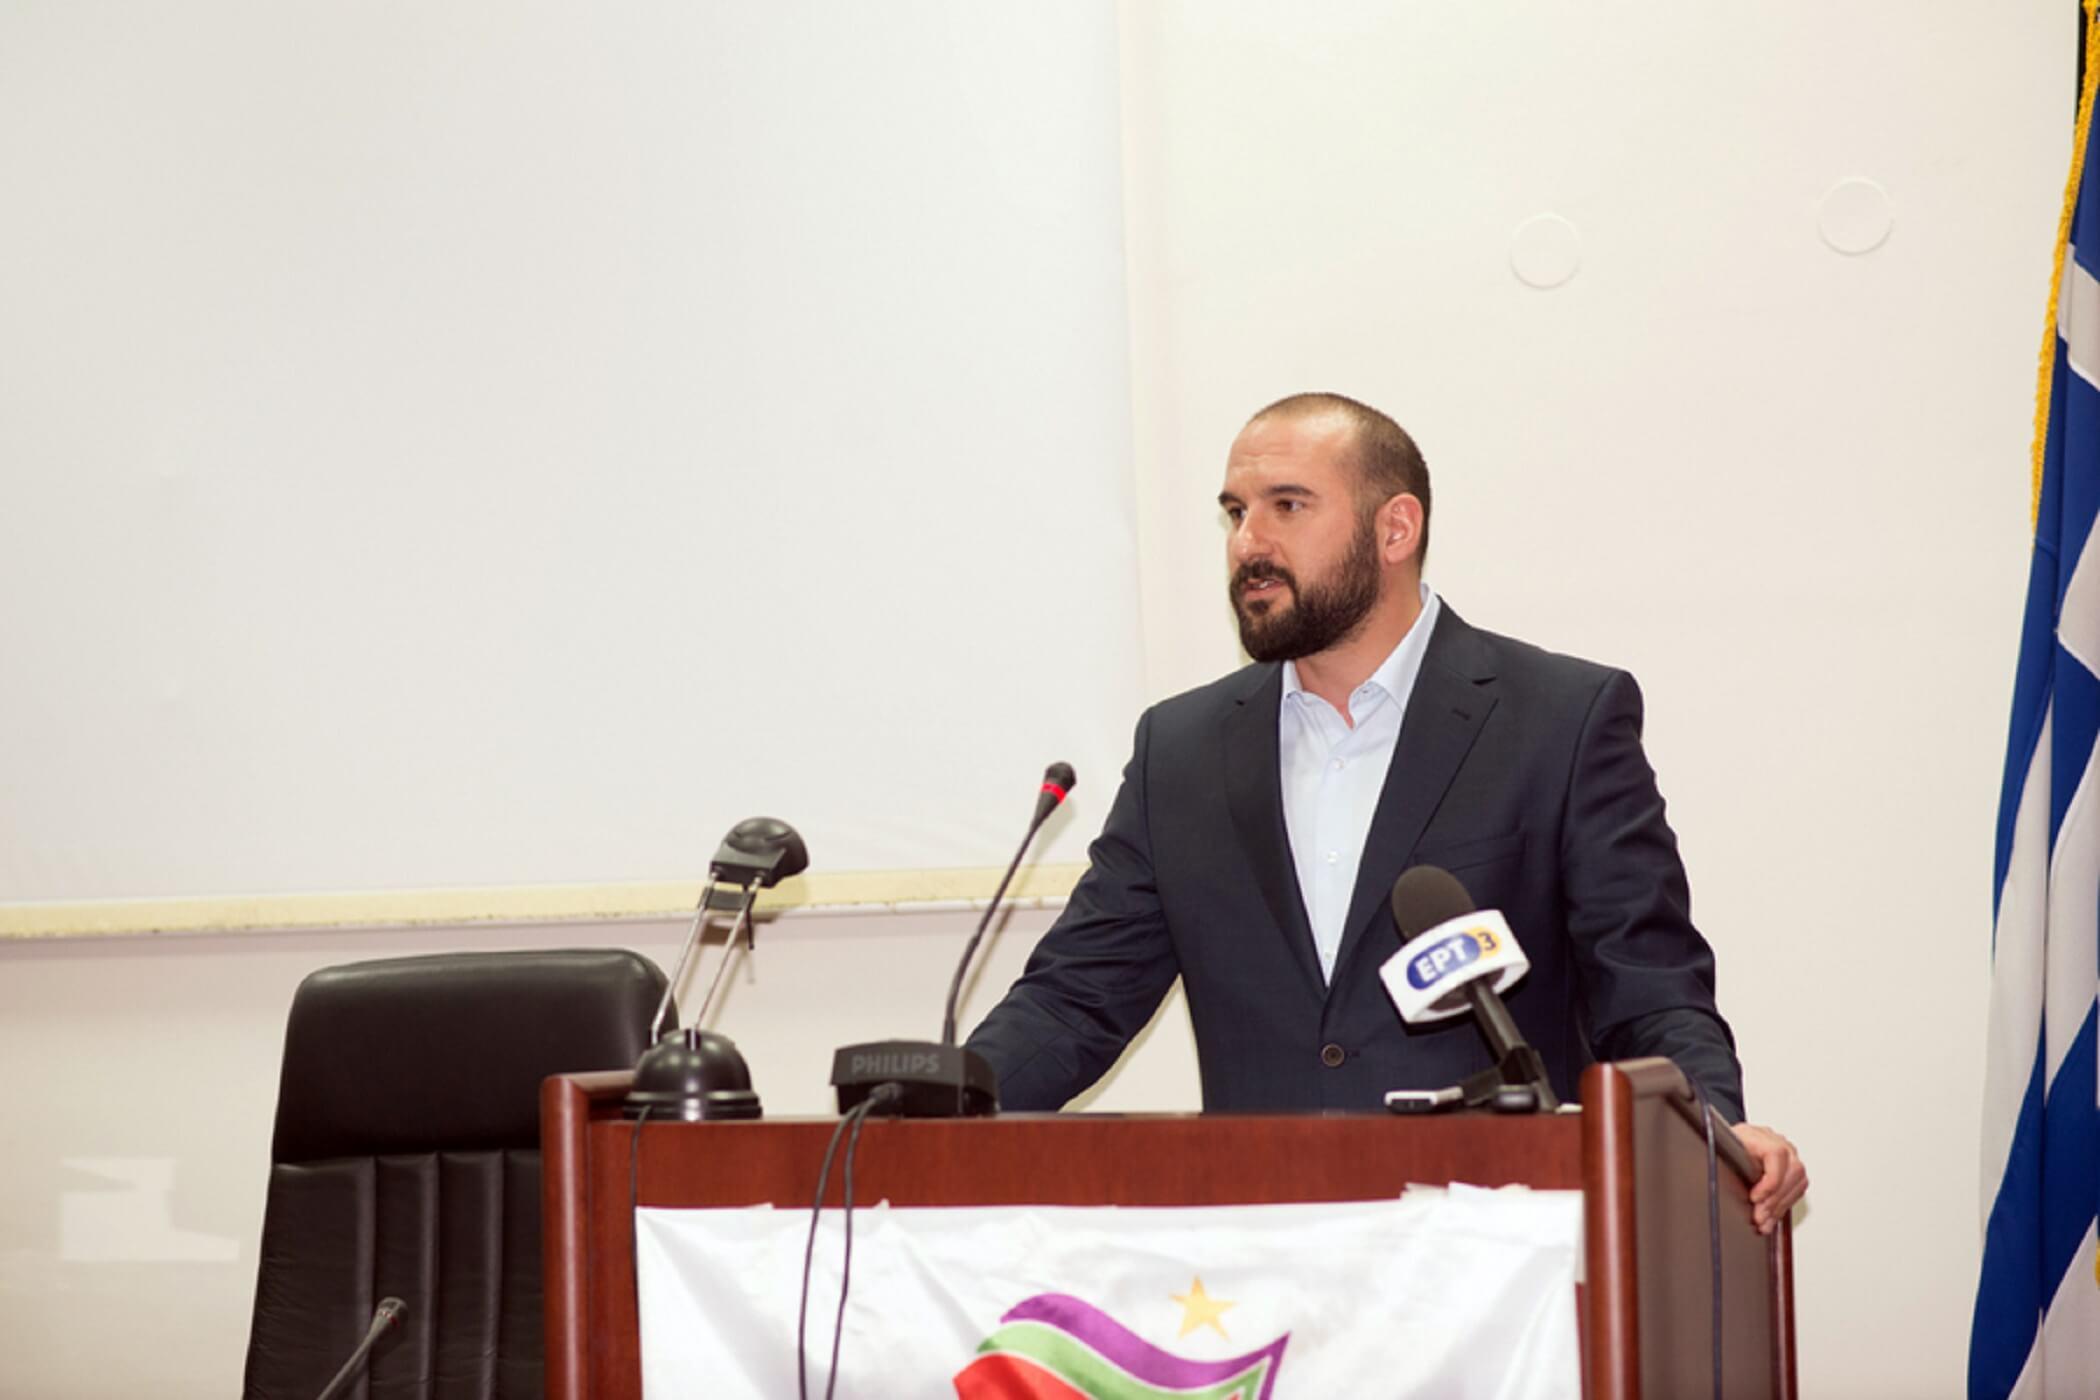 Τζανακόπουλος: Η Γεννηματά πήρε διαζύγιο από την προοδευτική παράταξη